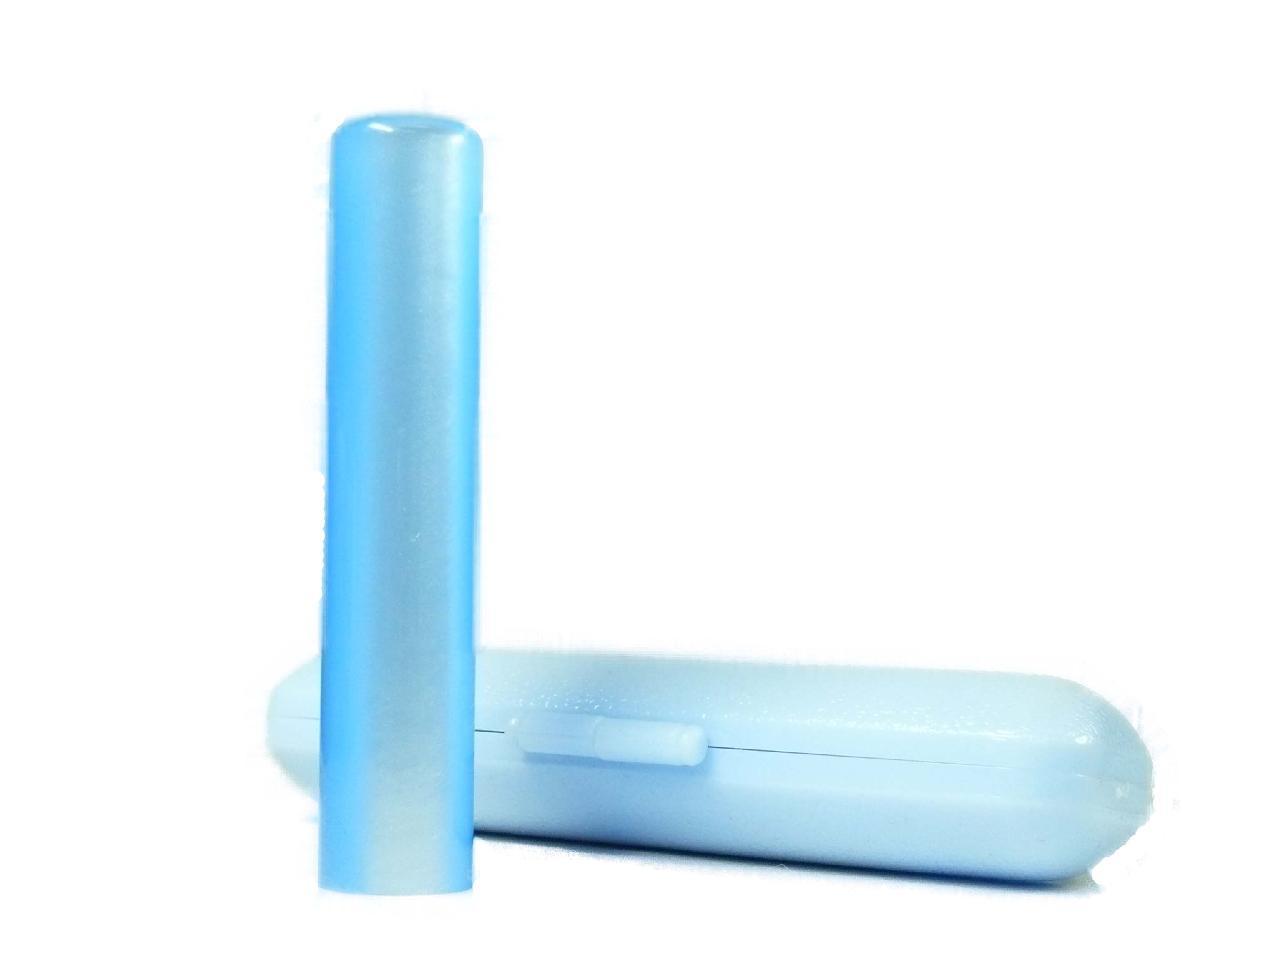 個人用 アクリルパール銀行印(ブルー)12.0×60mm専用ケース付